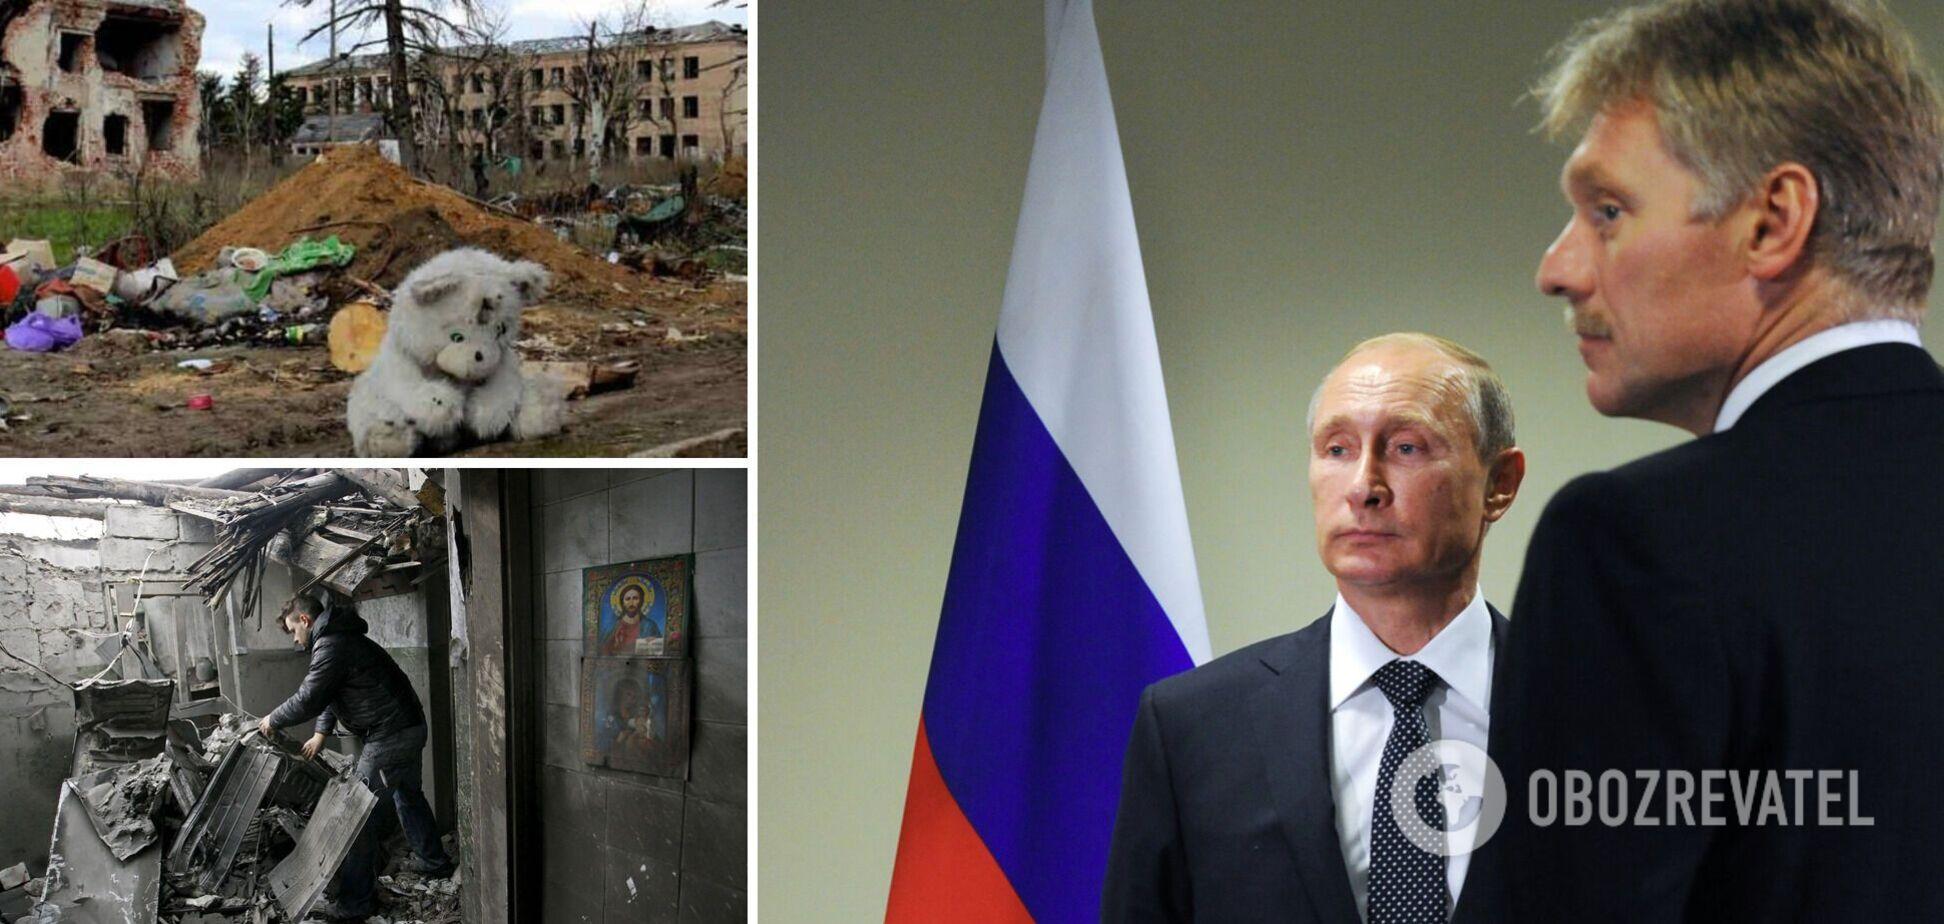 Мир Кремлю не нужен. Там стремятся к войне